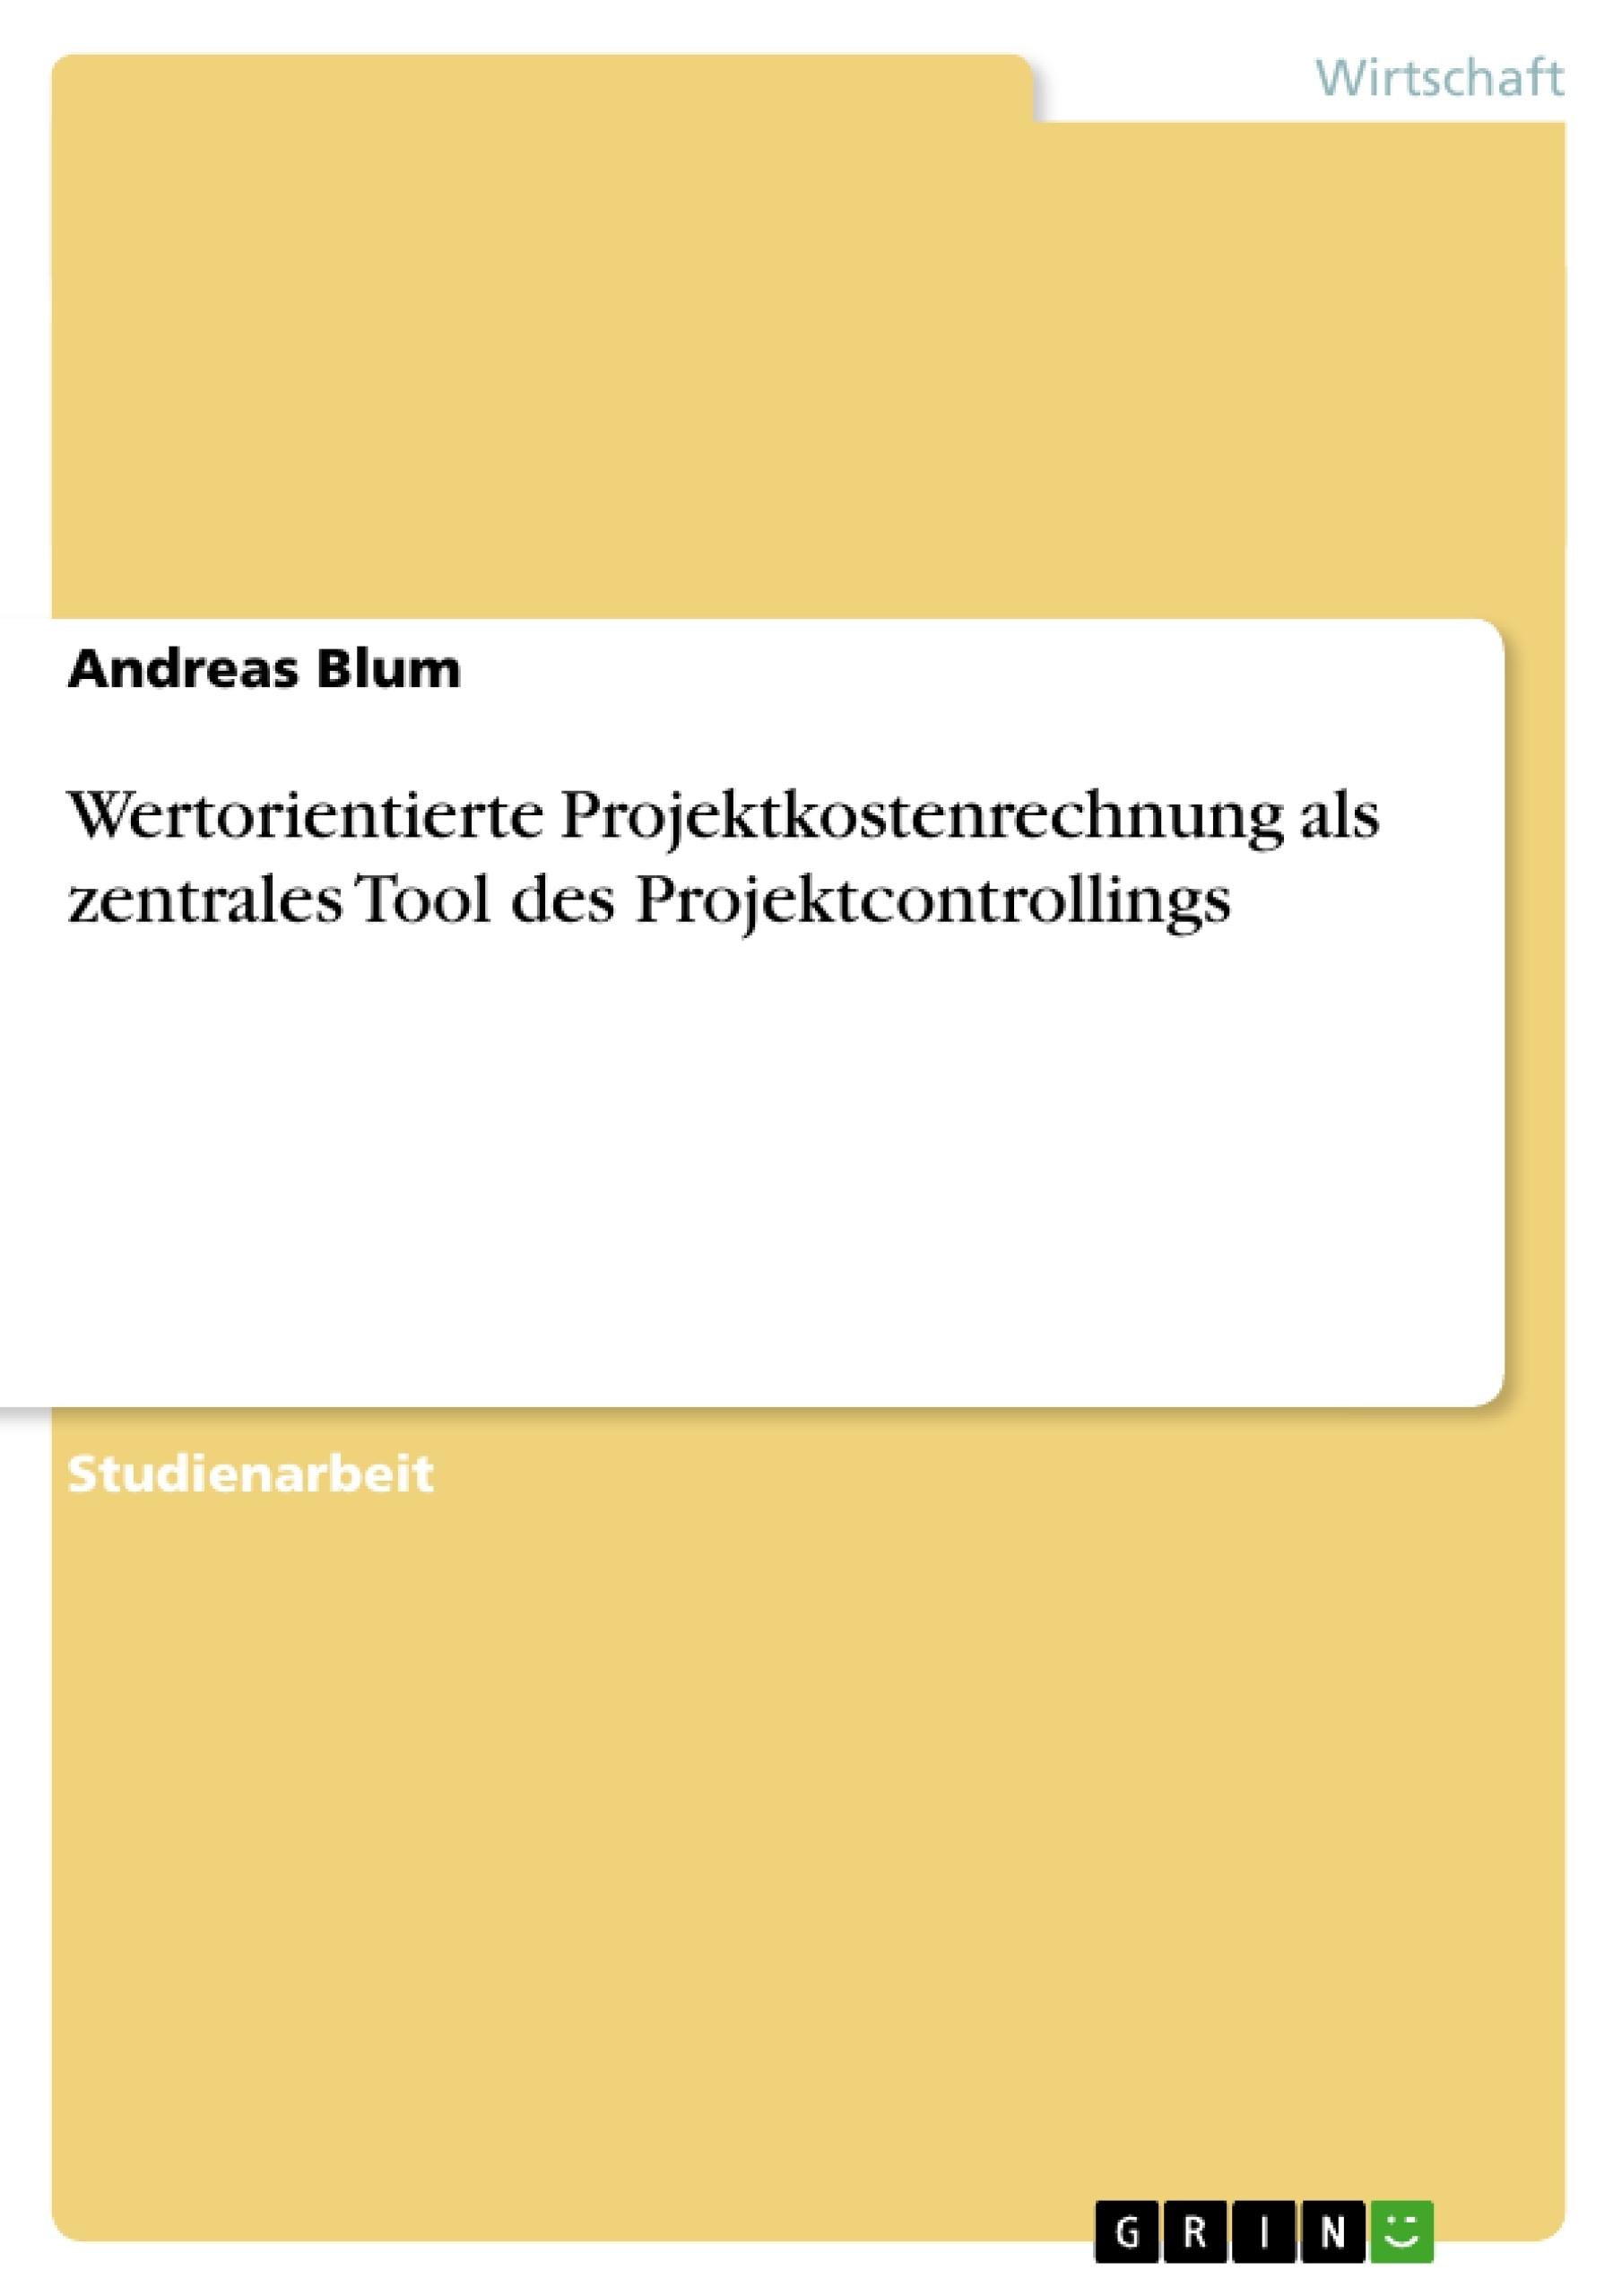 Titel: Wertorientierte Projektkostenrechnung als zentrales Tool des Projektcontrollings